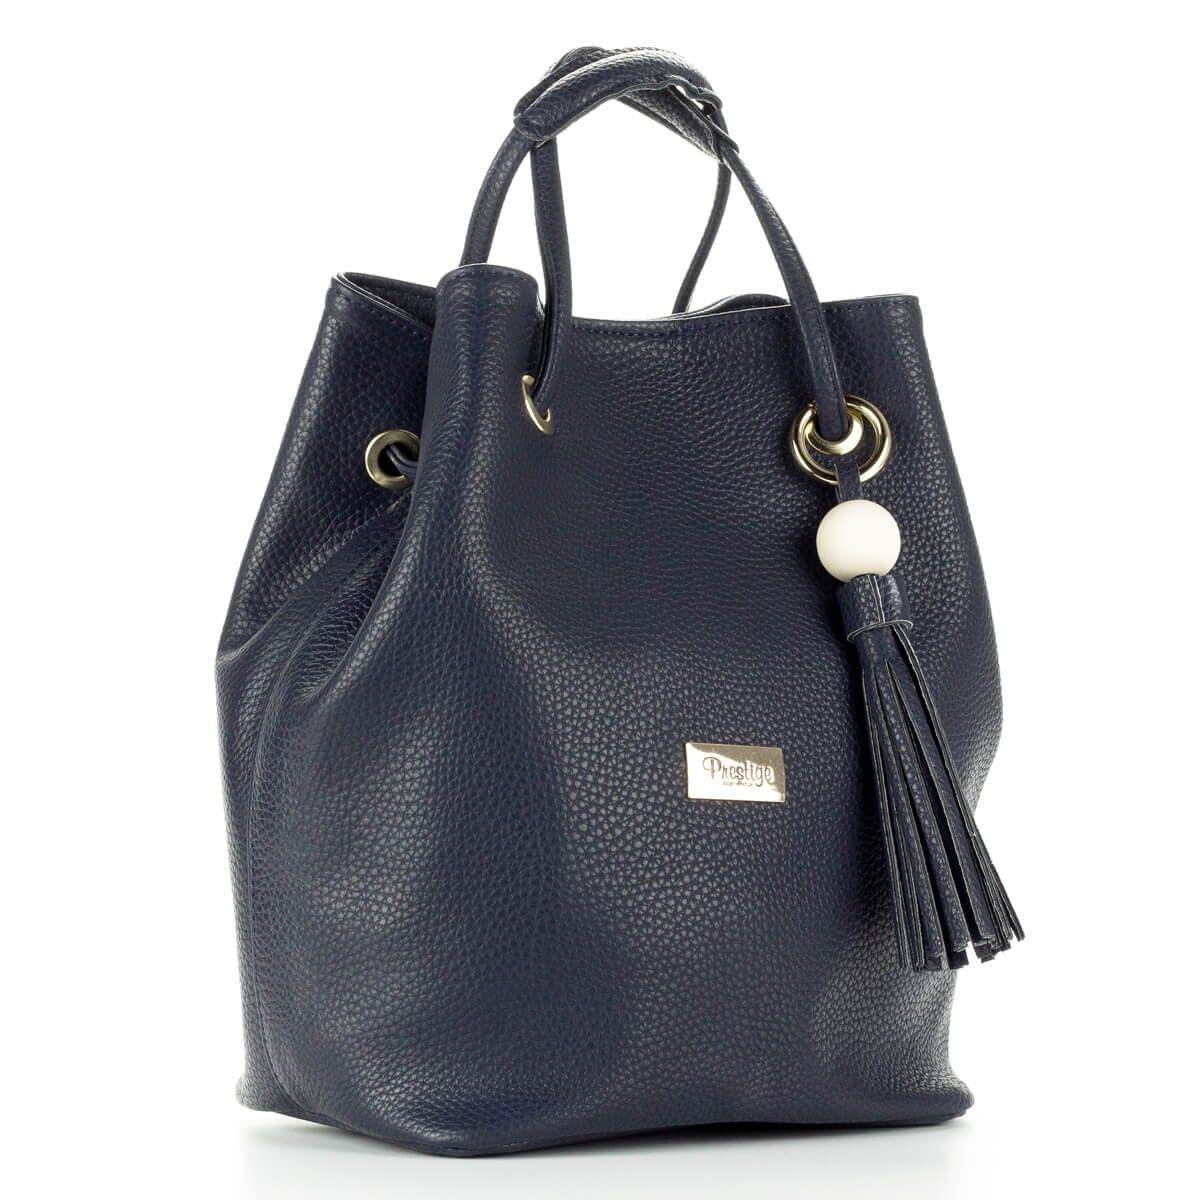 Prestige kék női táska osztatlan belső térrel 6004d056af